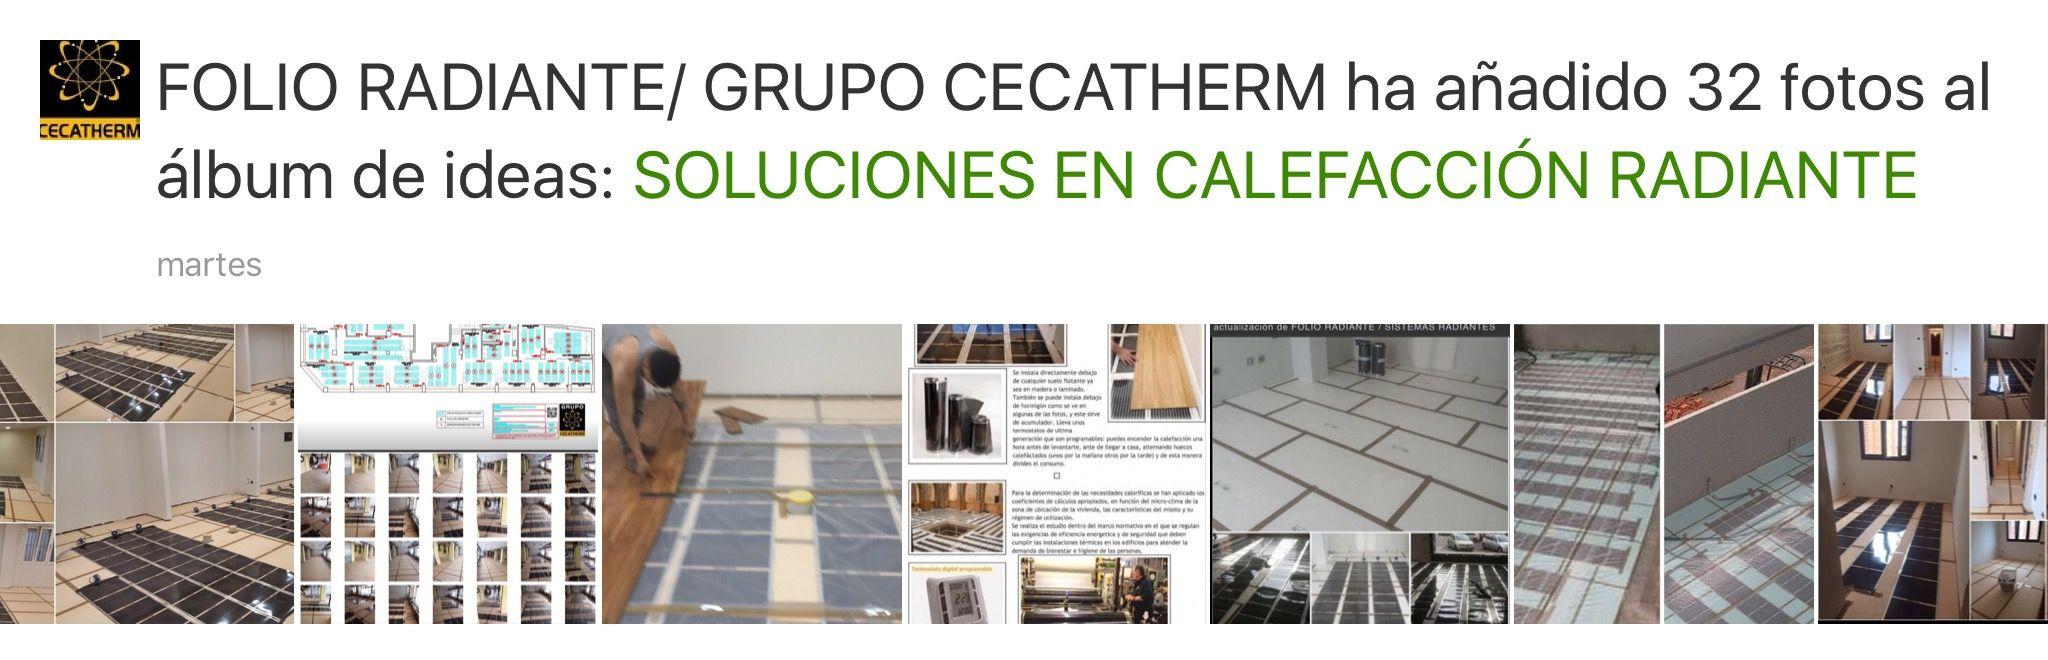 SUELO RADIANTE / CALEFACCIÓN RADIANTE / FOLIO RADIANTE / CECATHERM ...